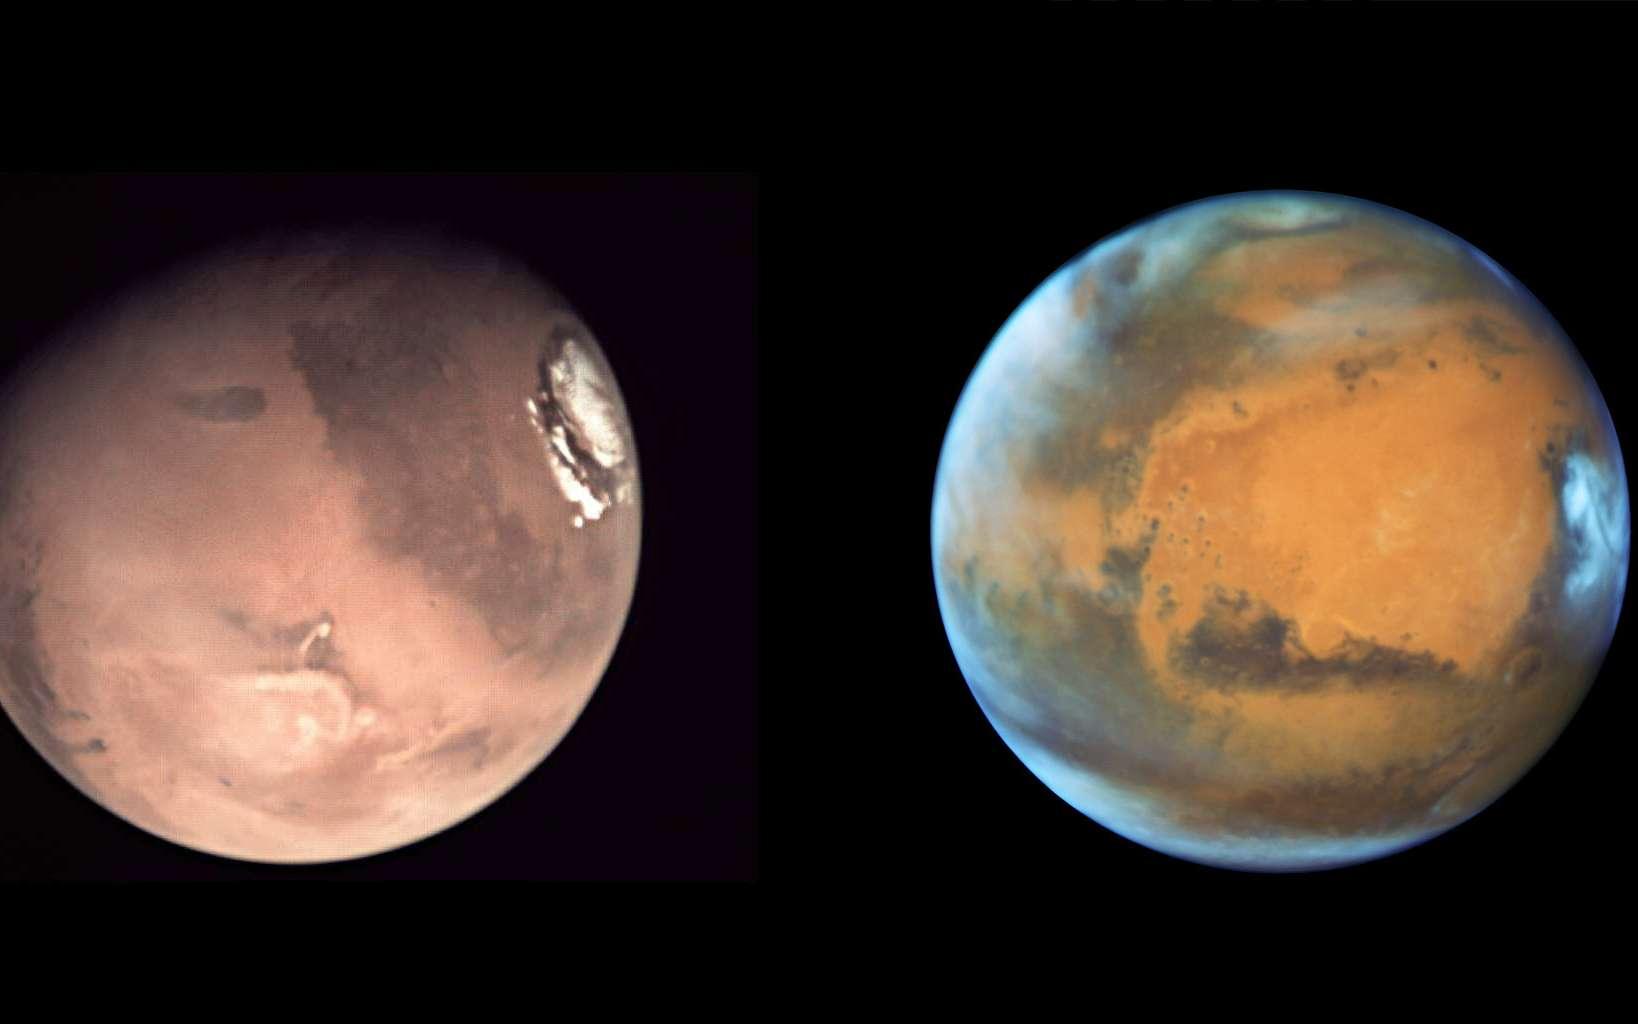 Ces deux clichés de la planète Mars permettent de se rendre compte de la faible résolution de la caméra VMC de Mars Express. Ces deux images ont été acquises en mai 2016. Celle de droite par la sonde Mars Express à plusieurs centaines de kilomètres et celle de gauche par le télescope spatiale Hubble alors situé à près de 76 millions de kilomètres ! © Esa, Nasa